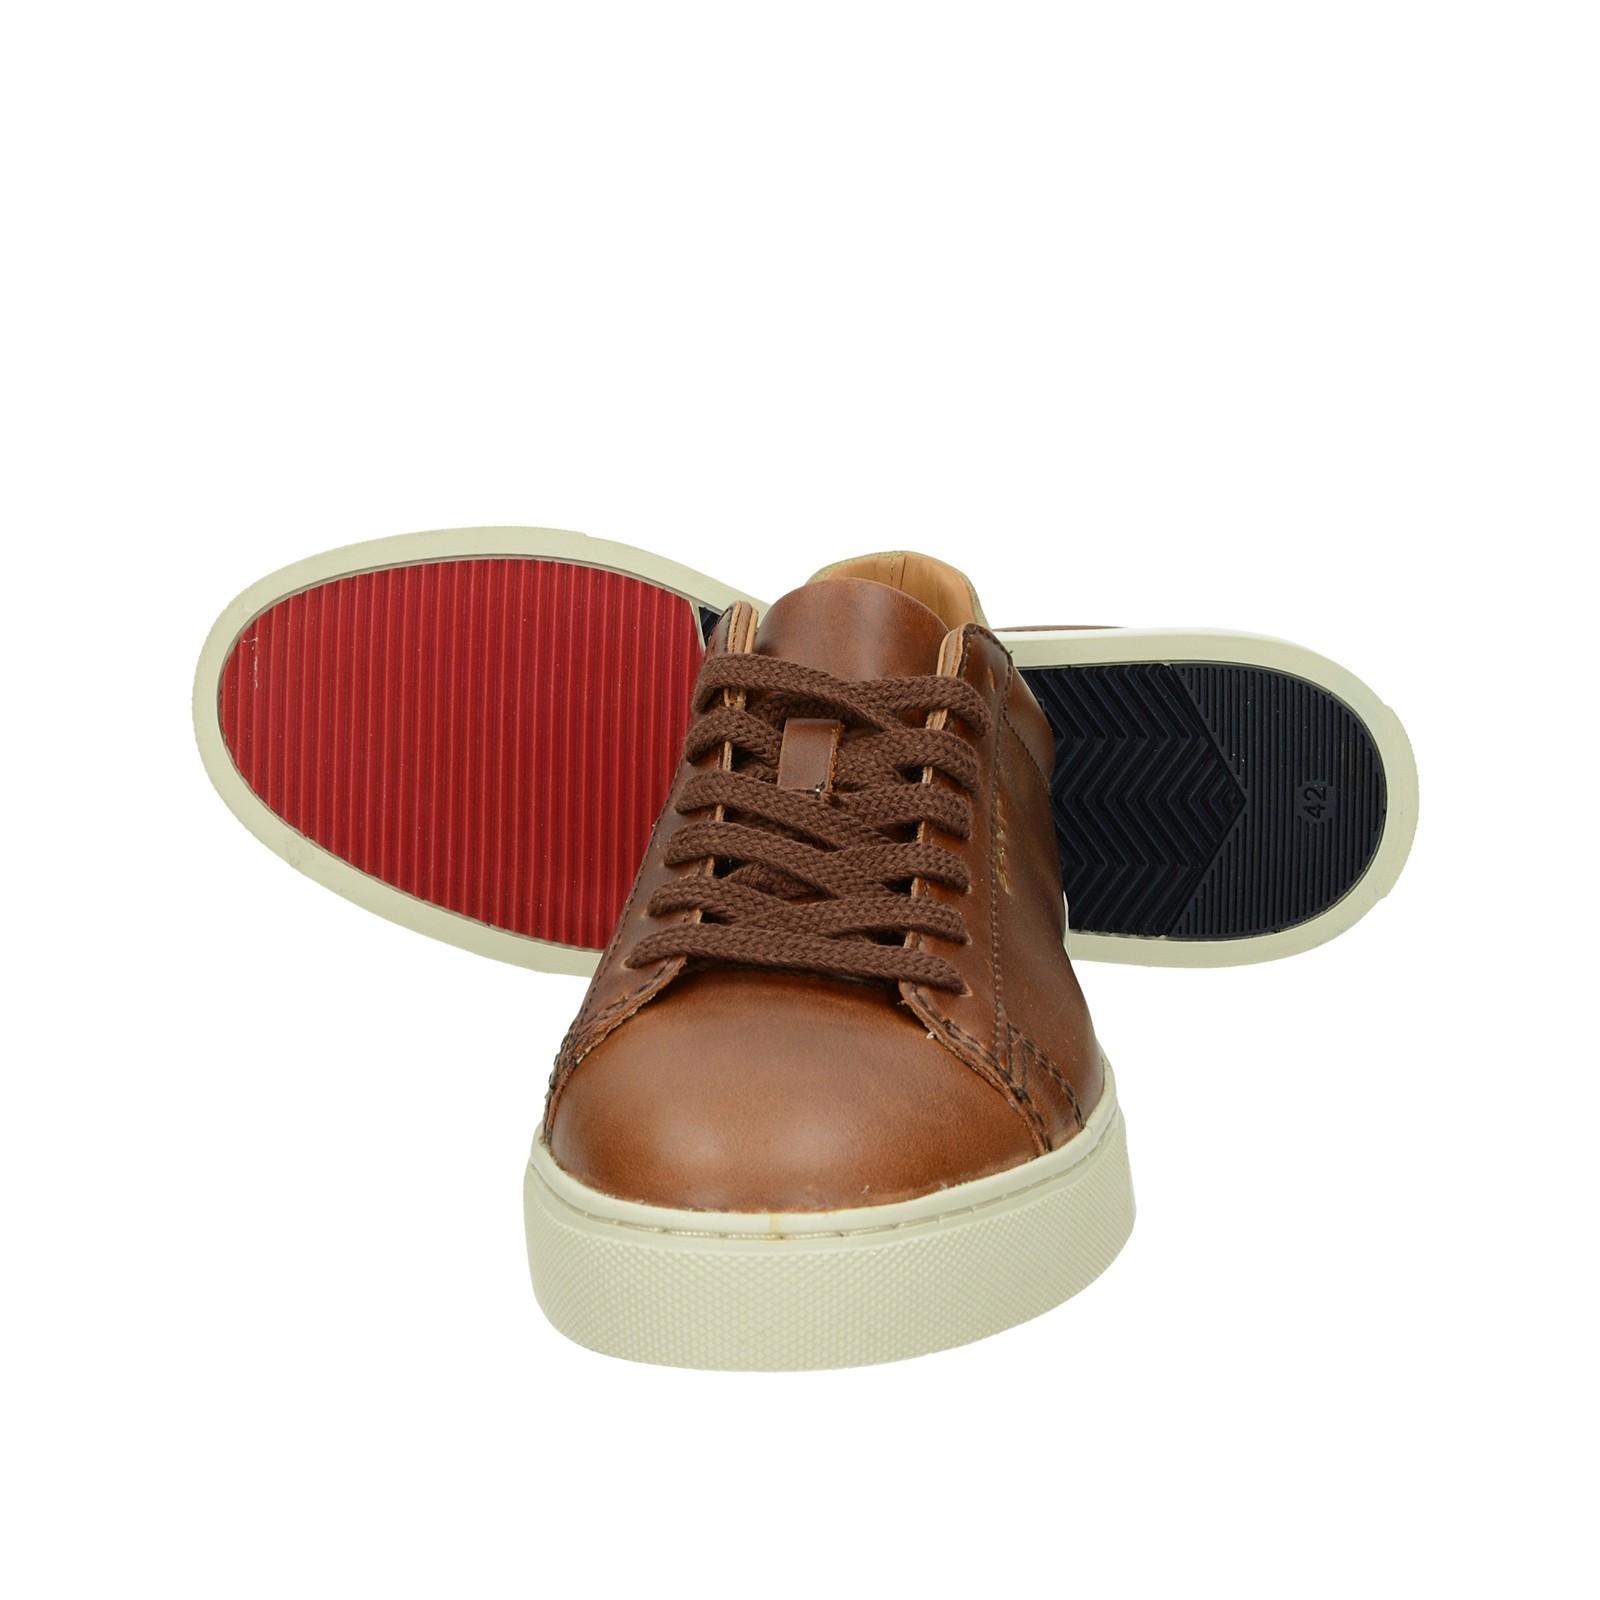 Gant pánske kožené tenisky - hnedé